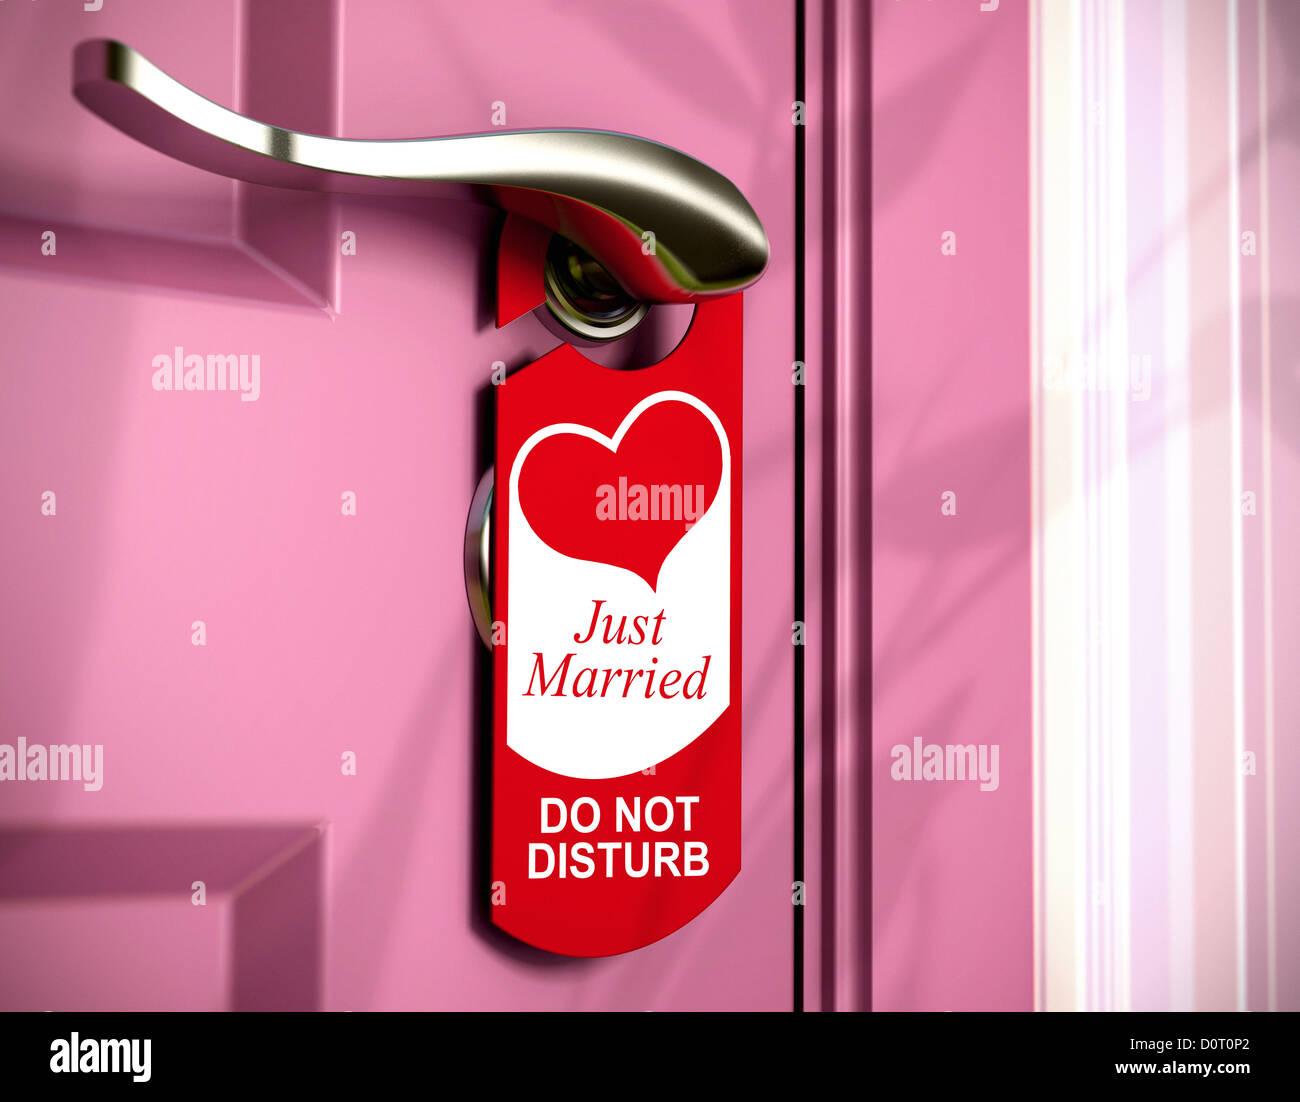 Recién casada escrito en un colgador de la puerta roja, ahorcado en un mango de metal de una puerta en la habitación Imagen De Stock